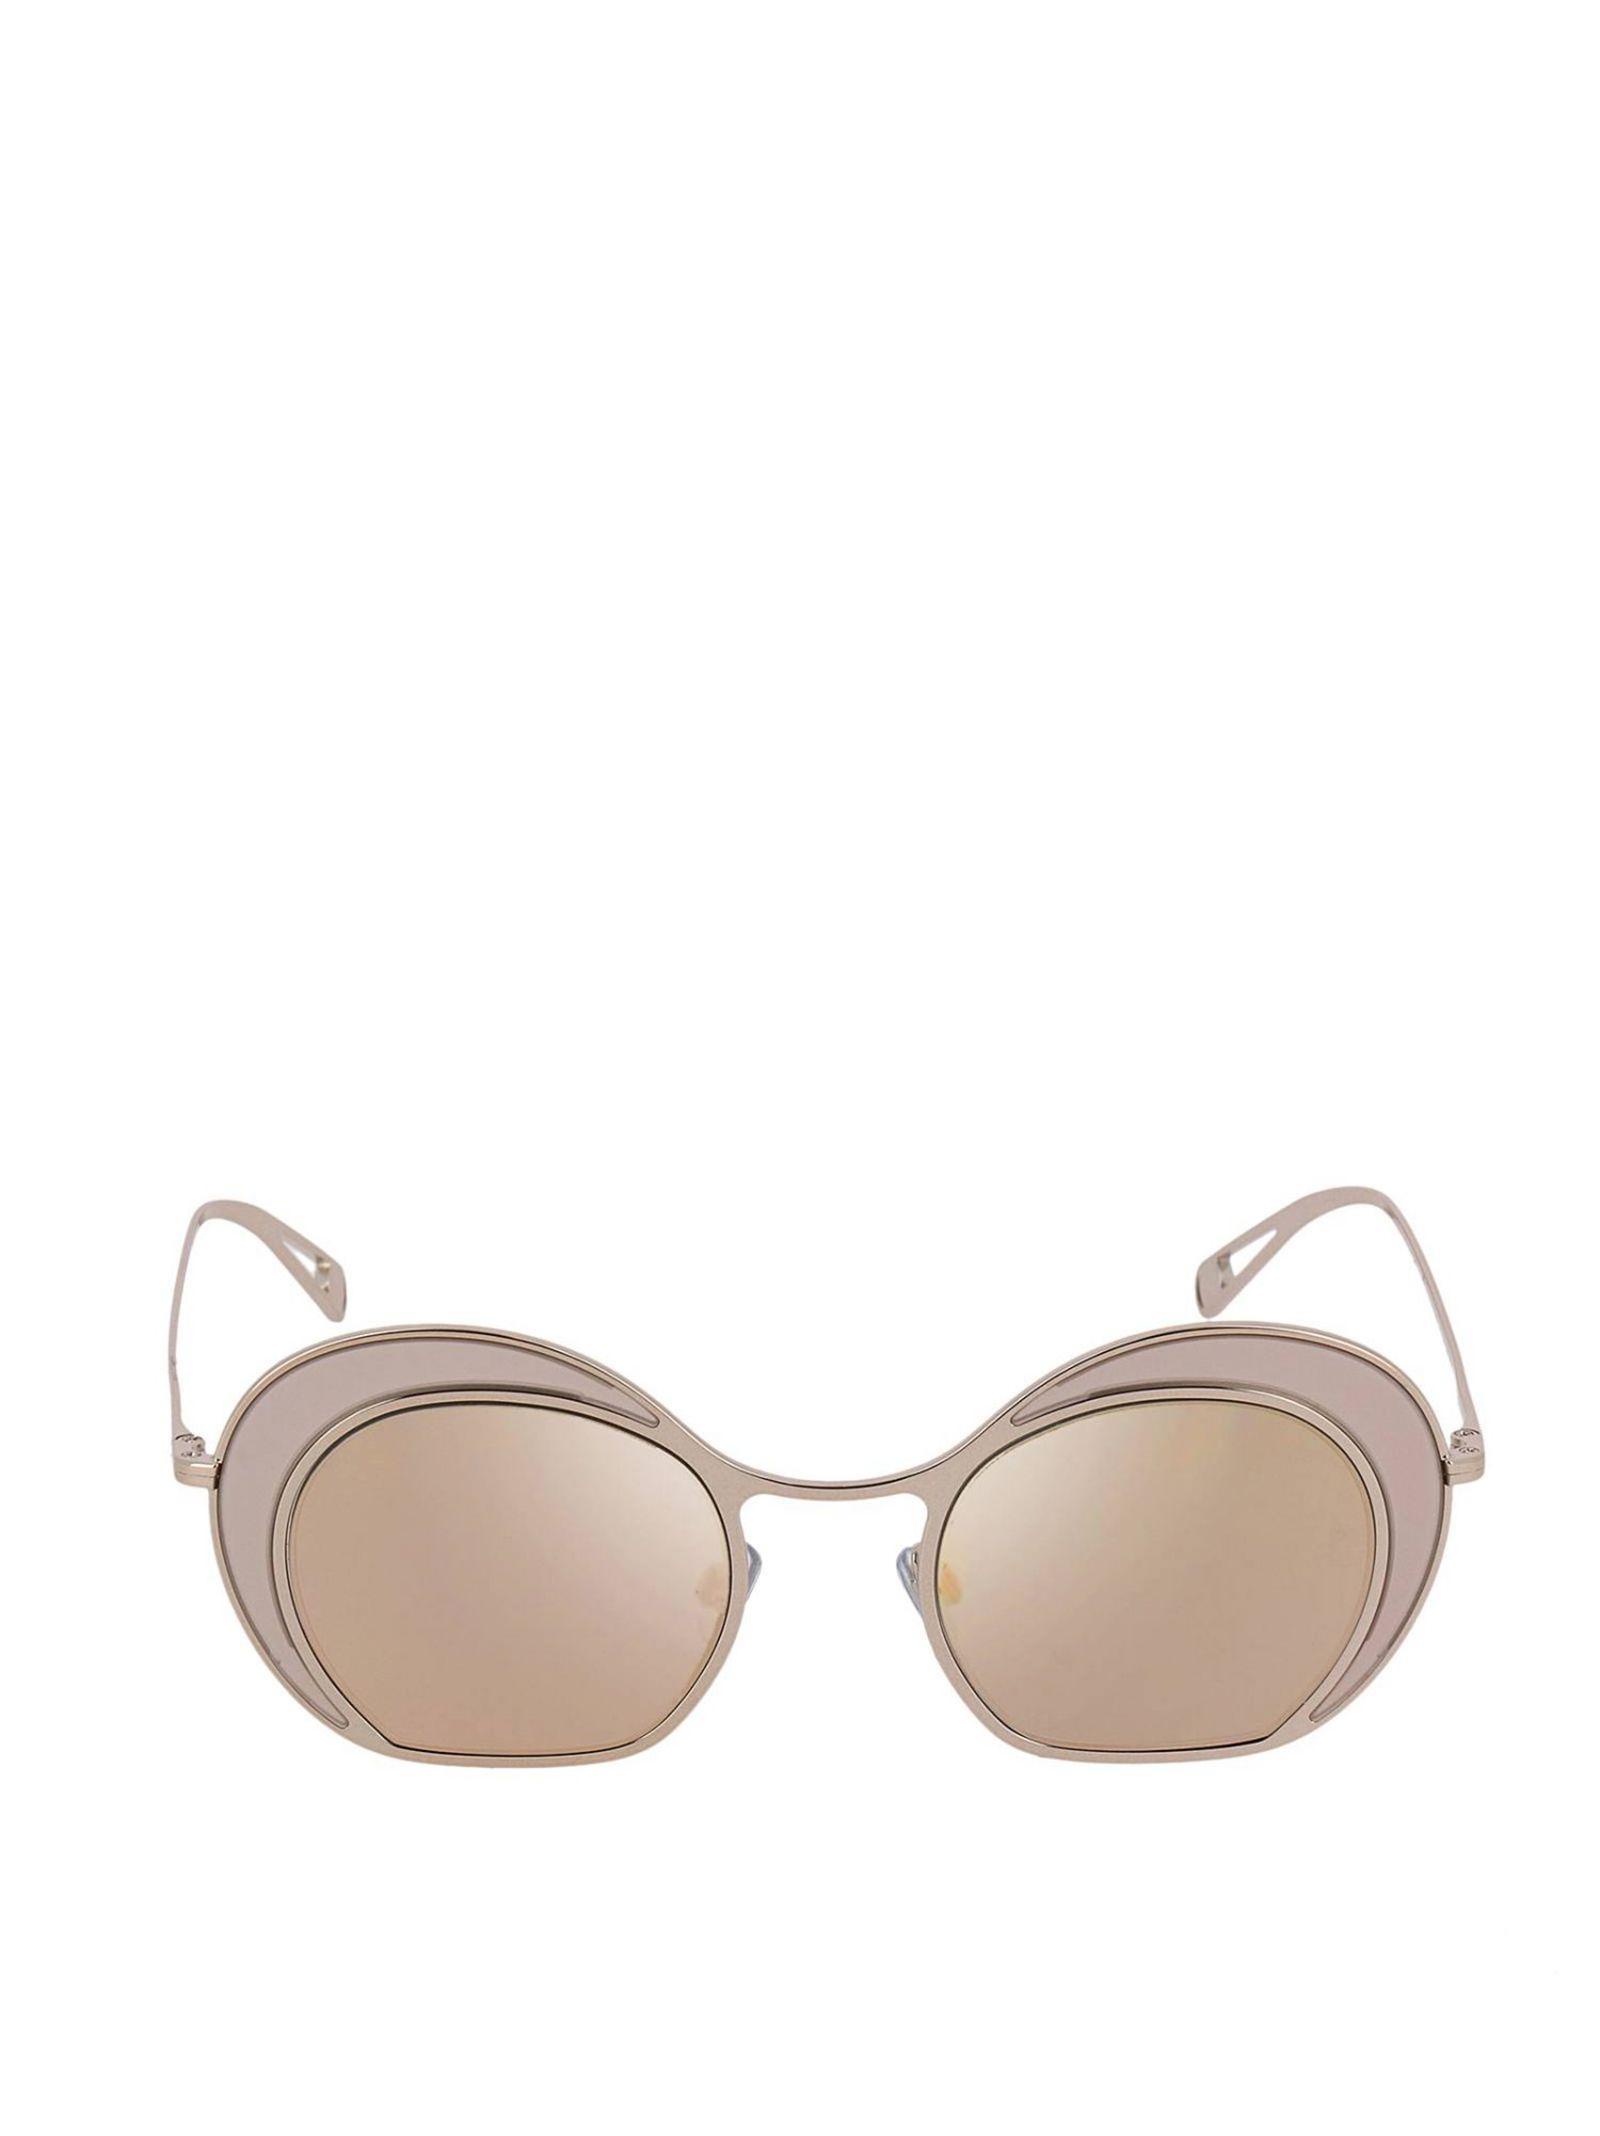 5e6a3691ad0b Lyst - Giorgio Armani Pink Metal Sunglasses in Pink